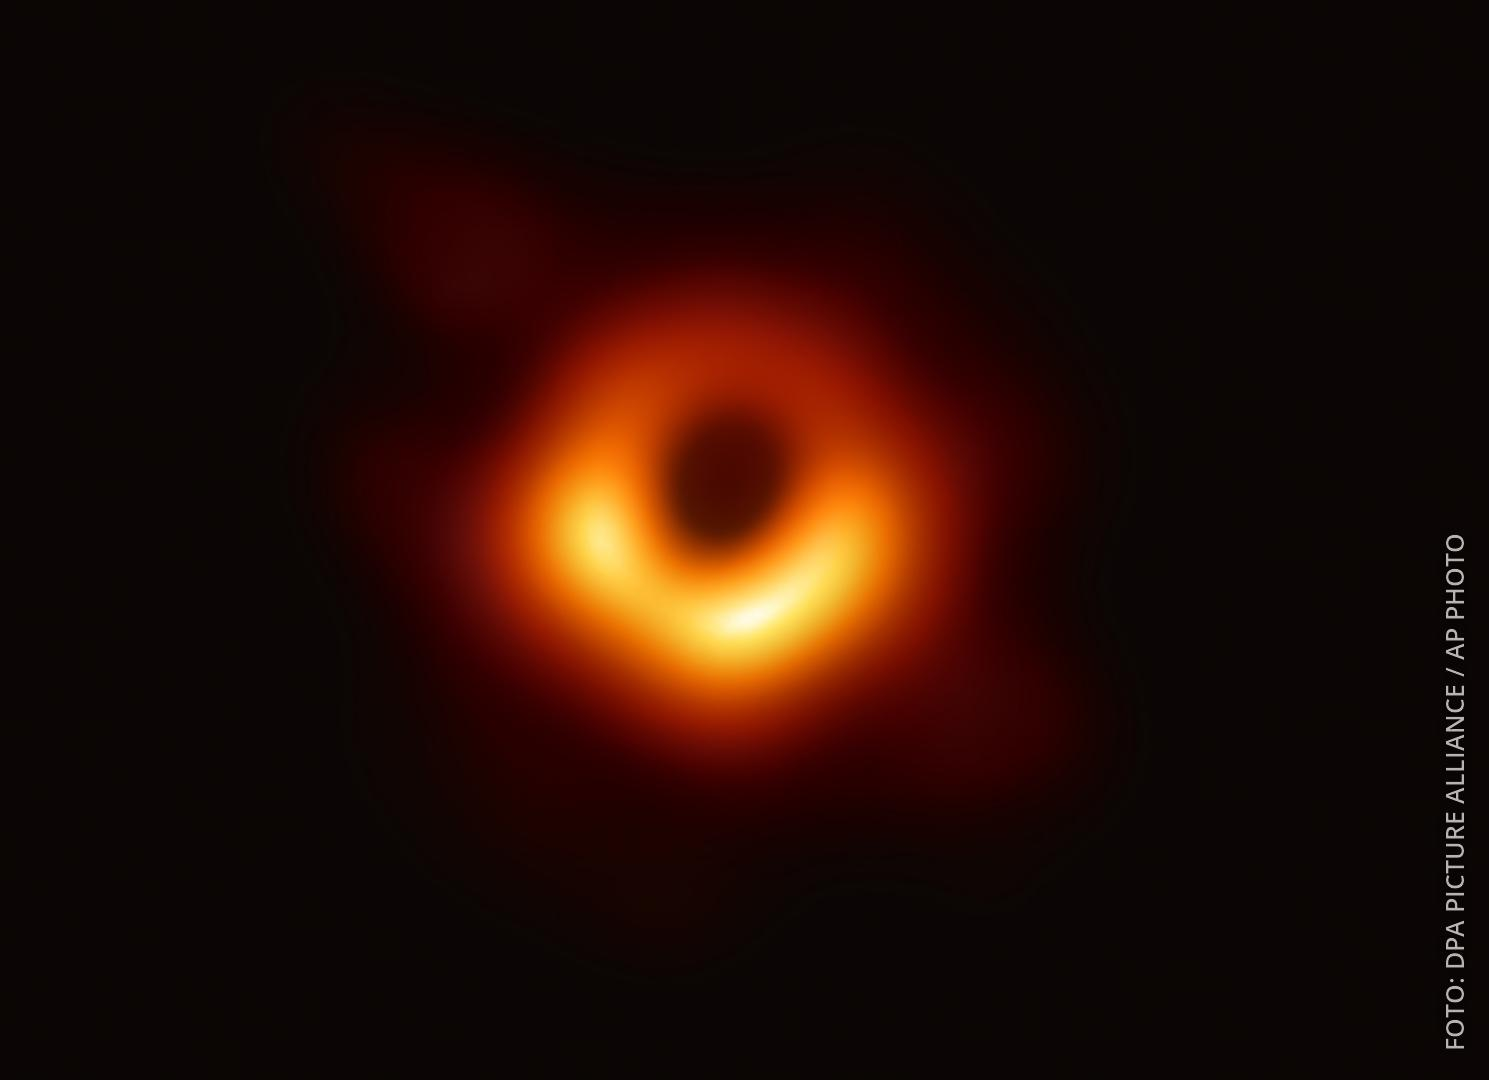 Schwarzes Loch Fotographie